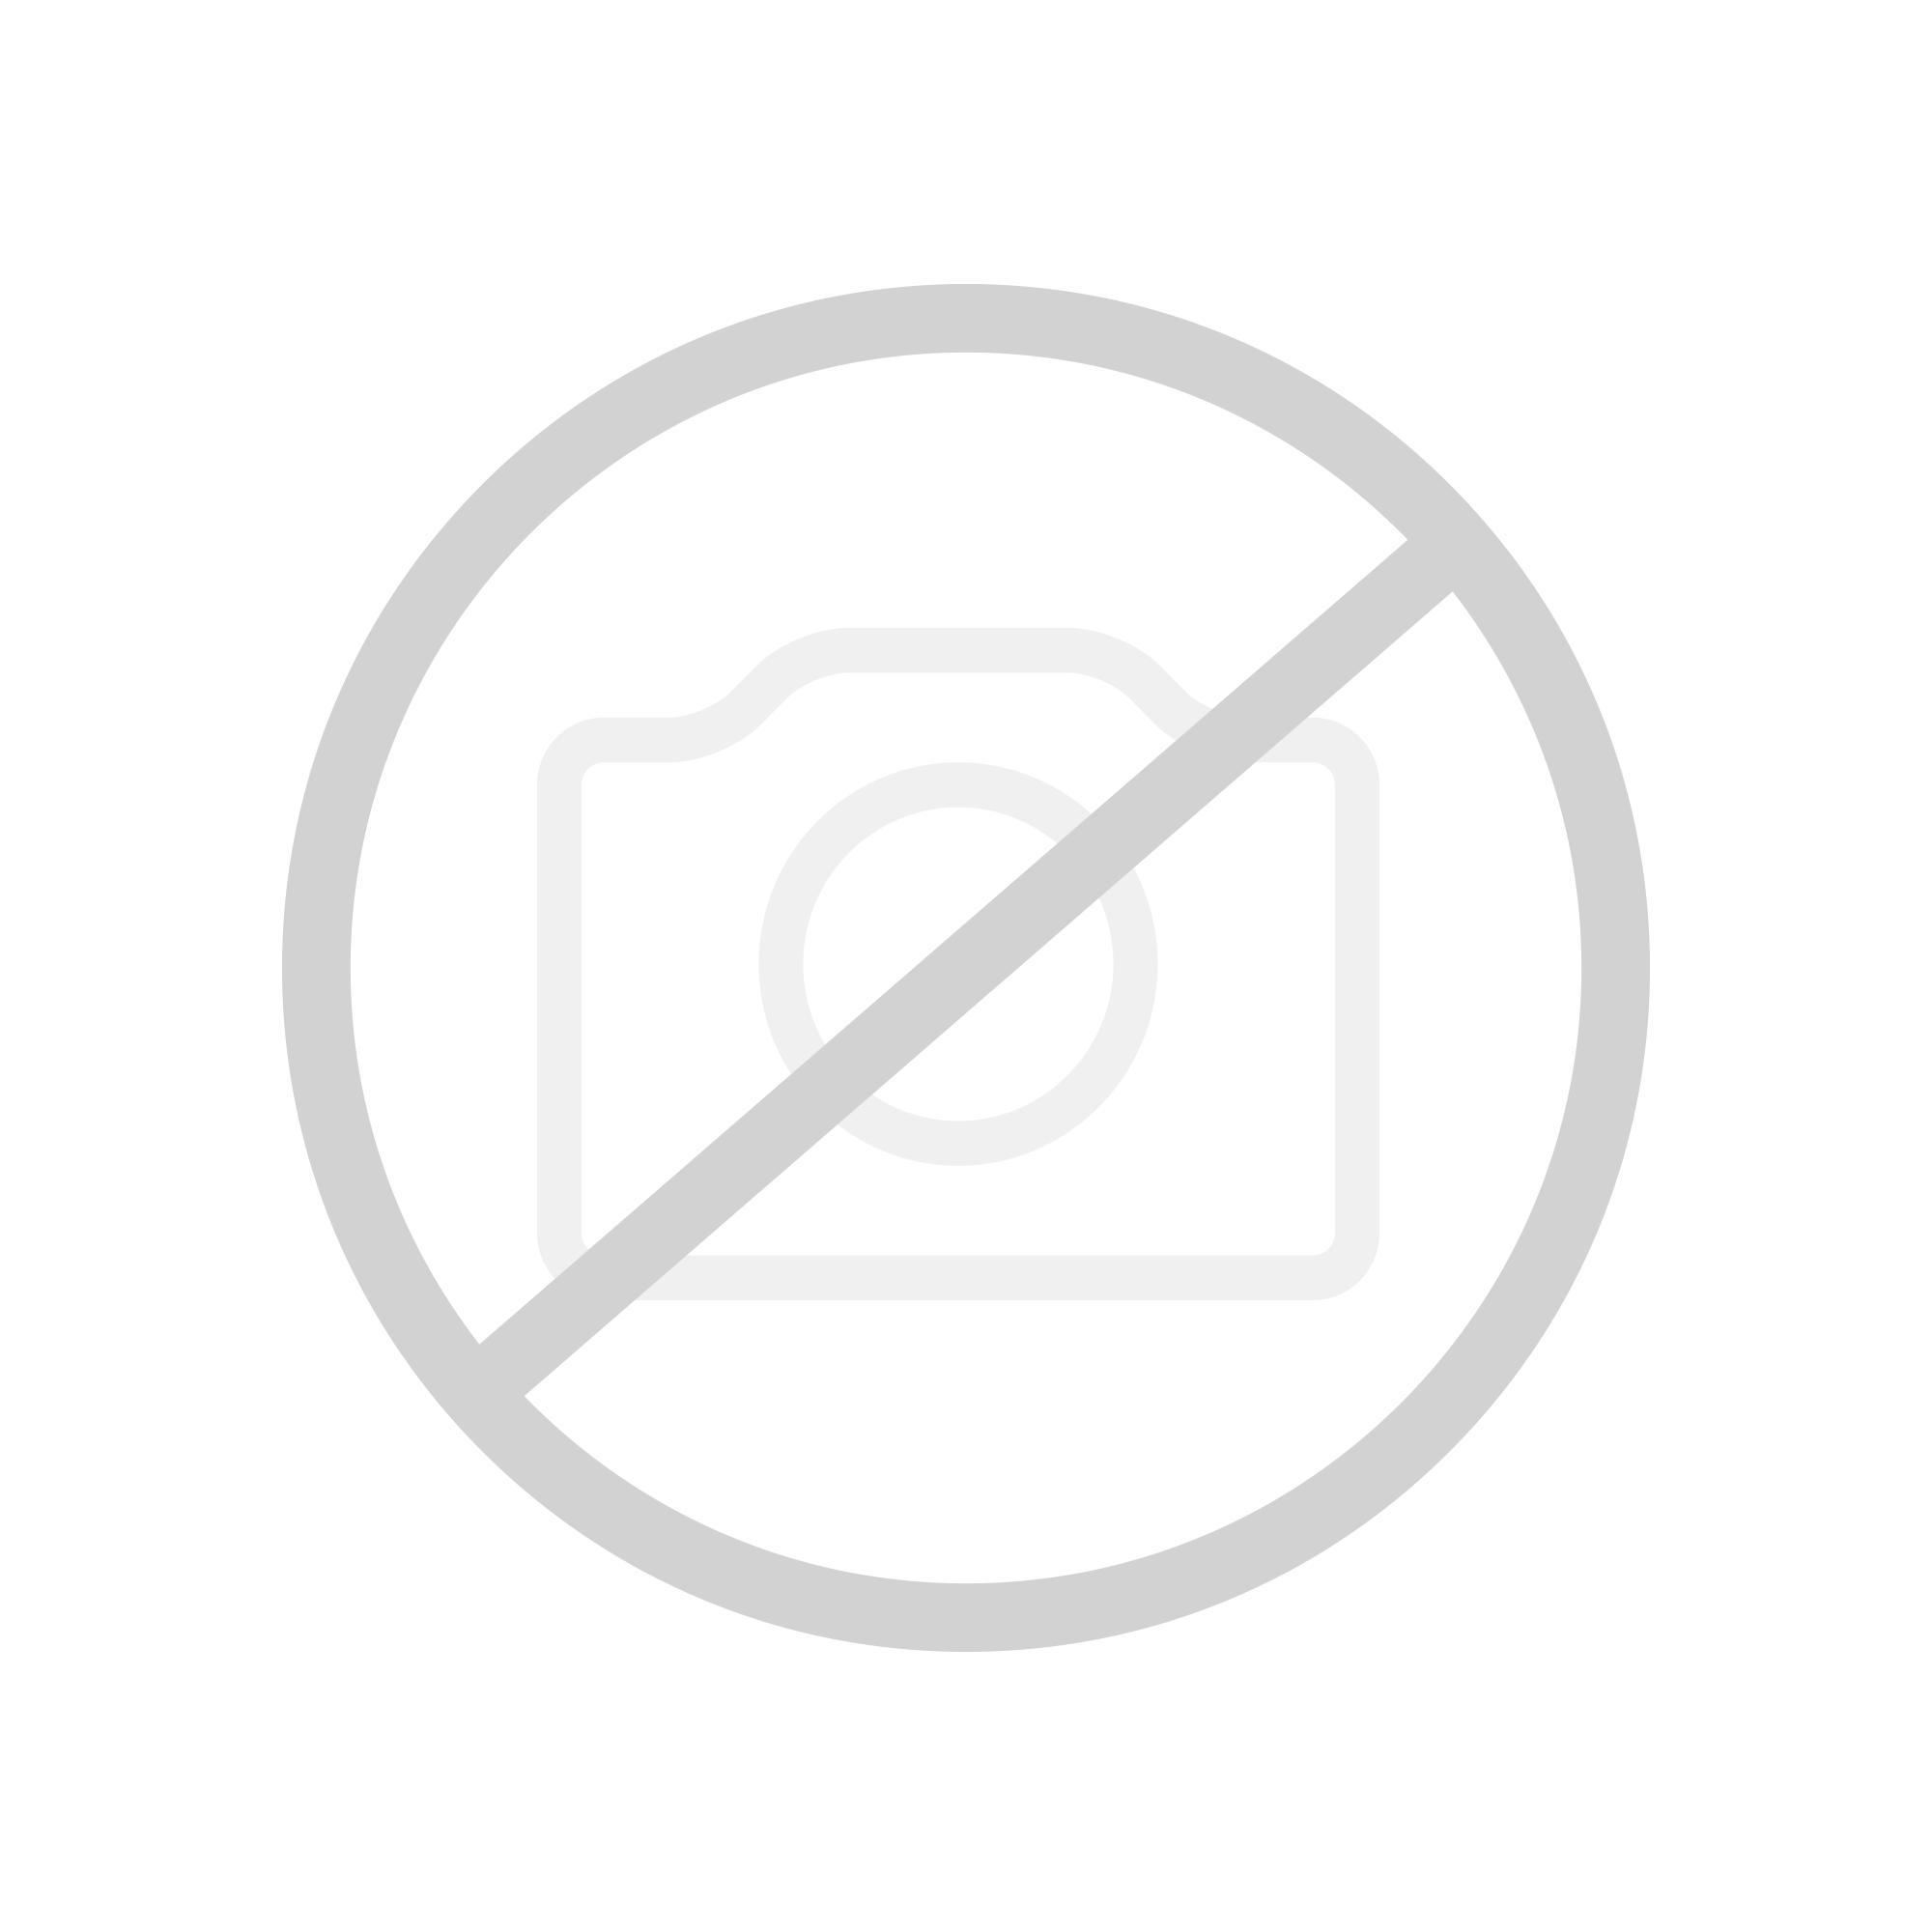 Scarabeo Badkeramik günstig kaufen bei REUTER | {Doppelwaschbecken rund 49}